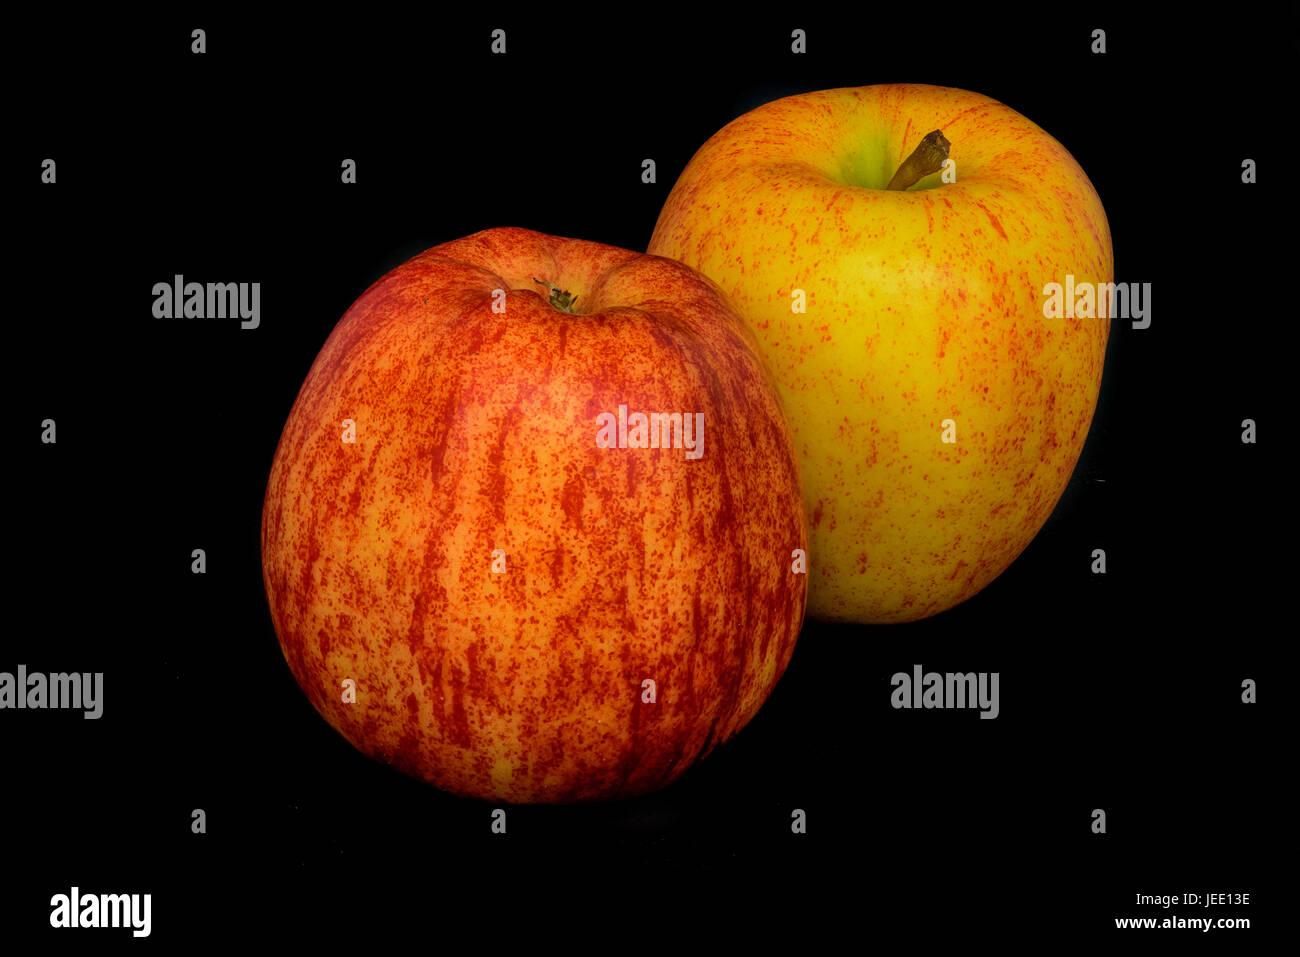 Still-Leben Farbe Makro Porträtgemälde von zwei Äpfel in rot und gelb auf schwarzem Hintergrund in Stockbild